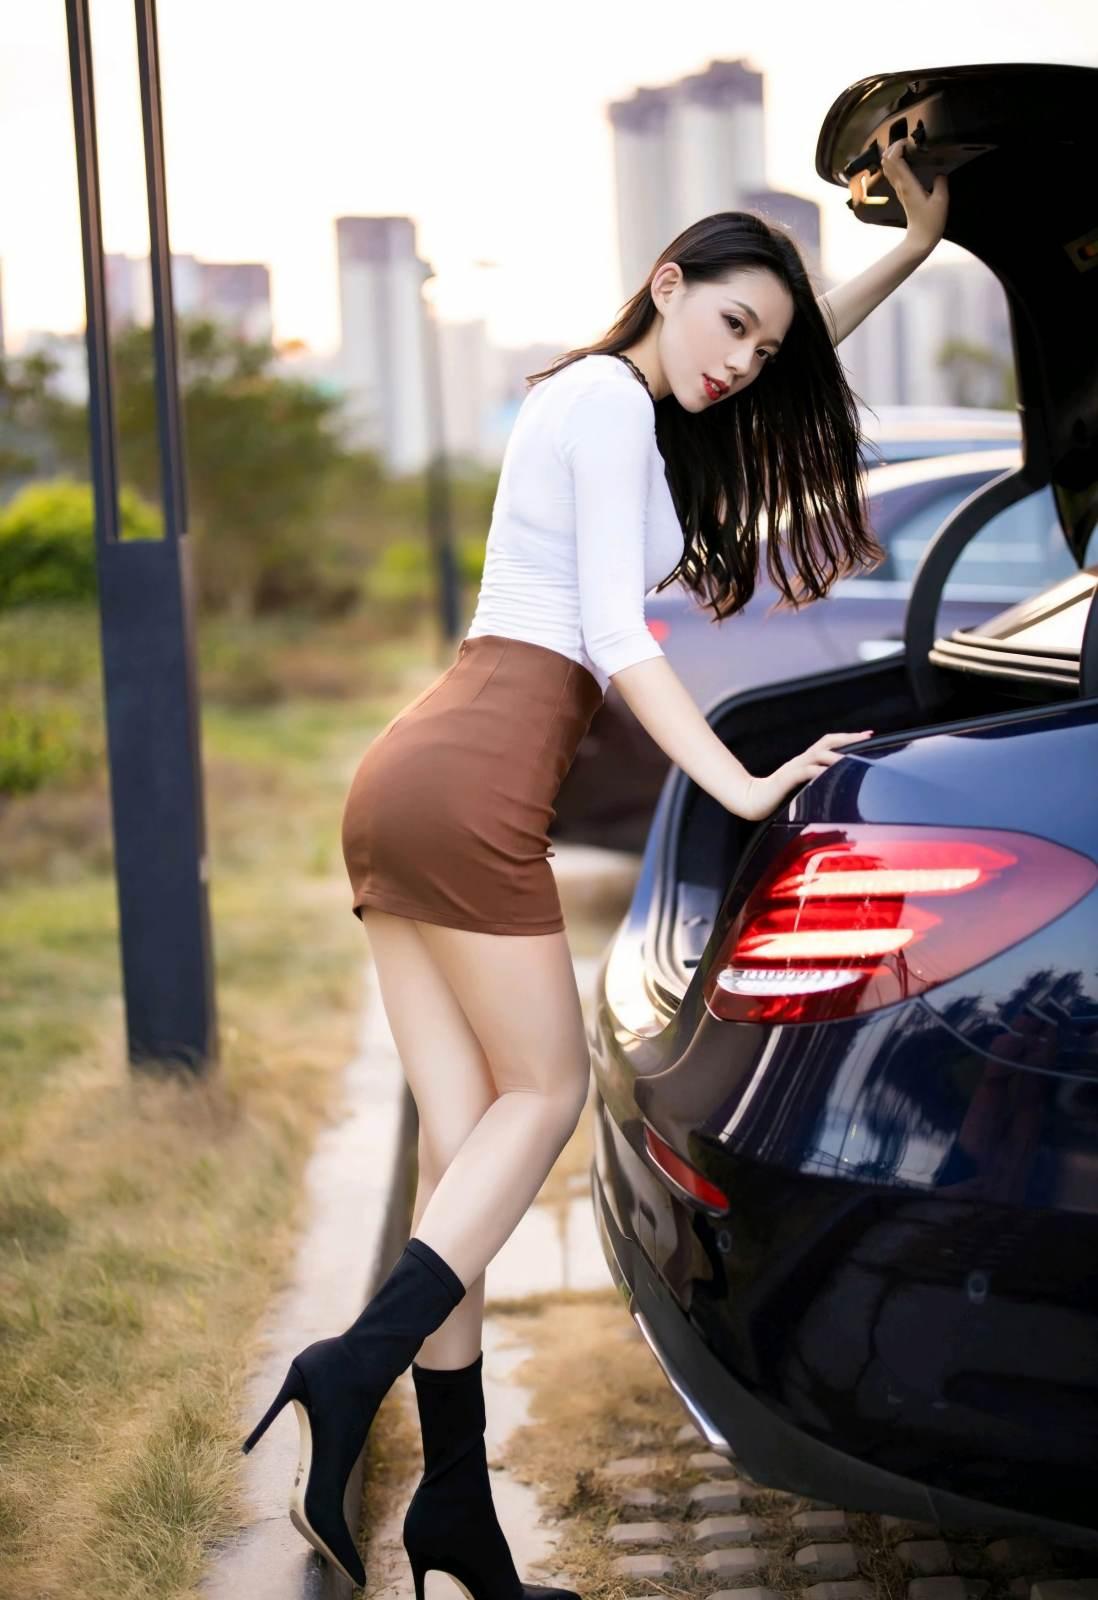 第226期花容月貌美如画言沫(高跟,丝袜,肉丝,短裙)_图片4